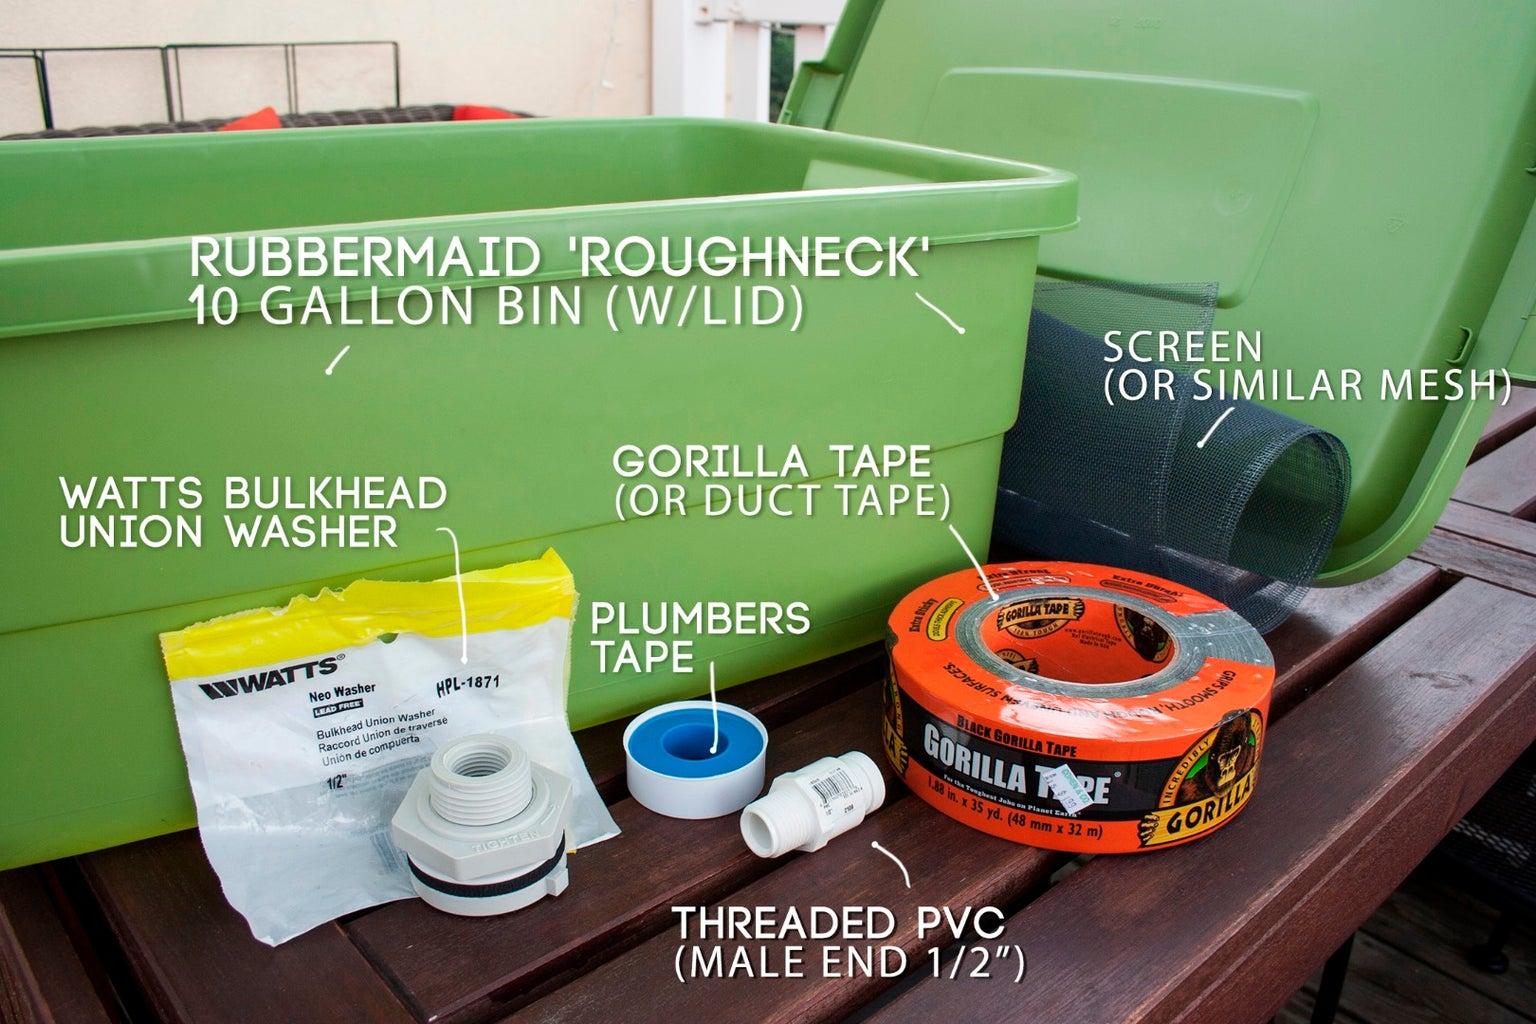 Materials & Tools List